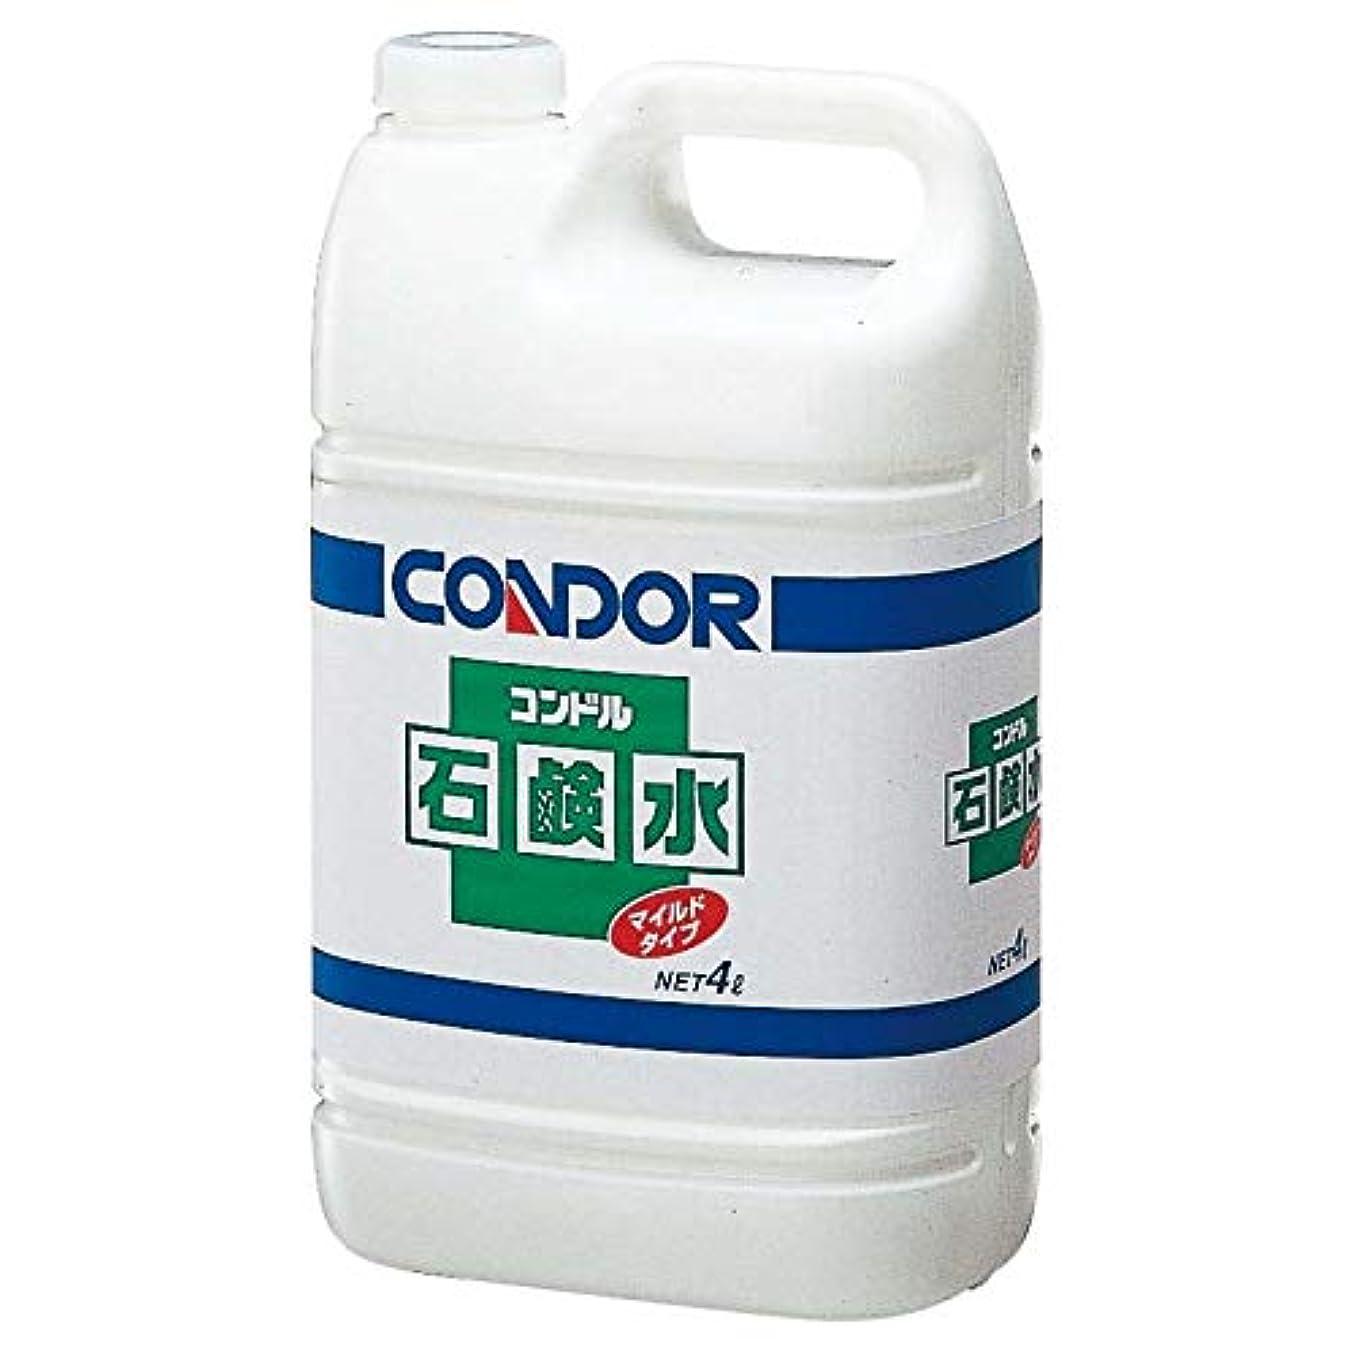 振る舞い気分が良い悲劇【清潔キレイ館】コンドル 石鹸水(4L)